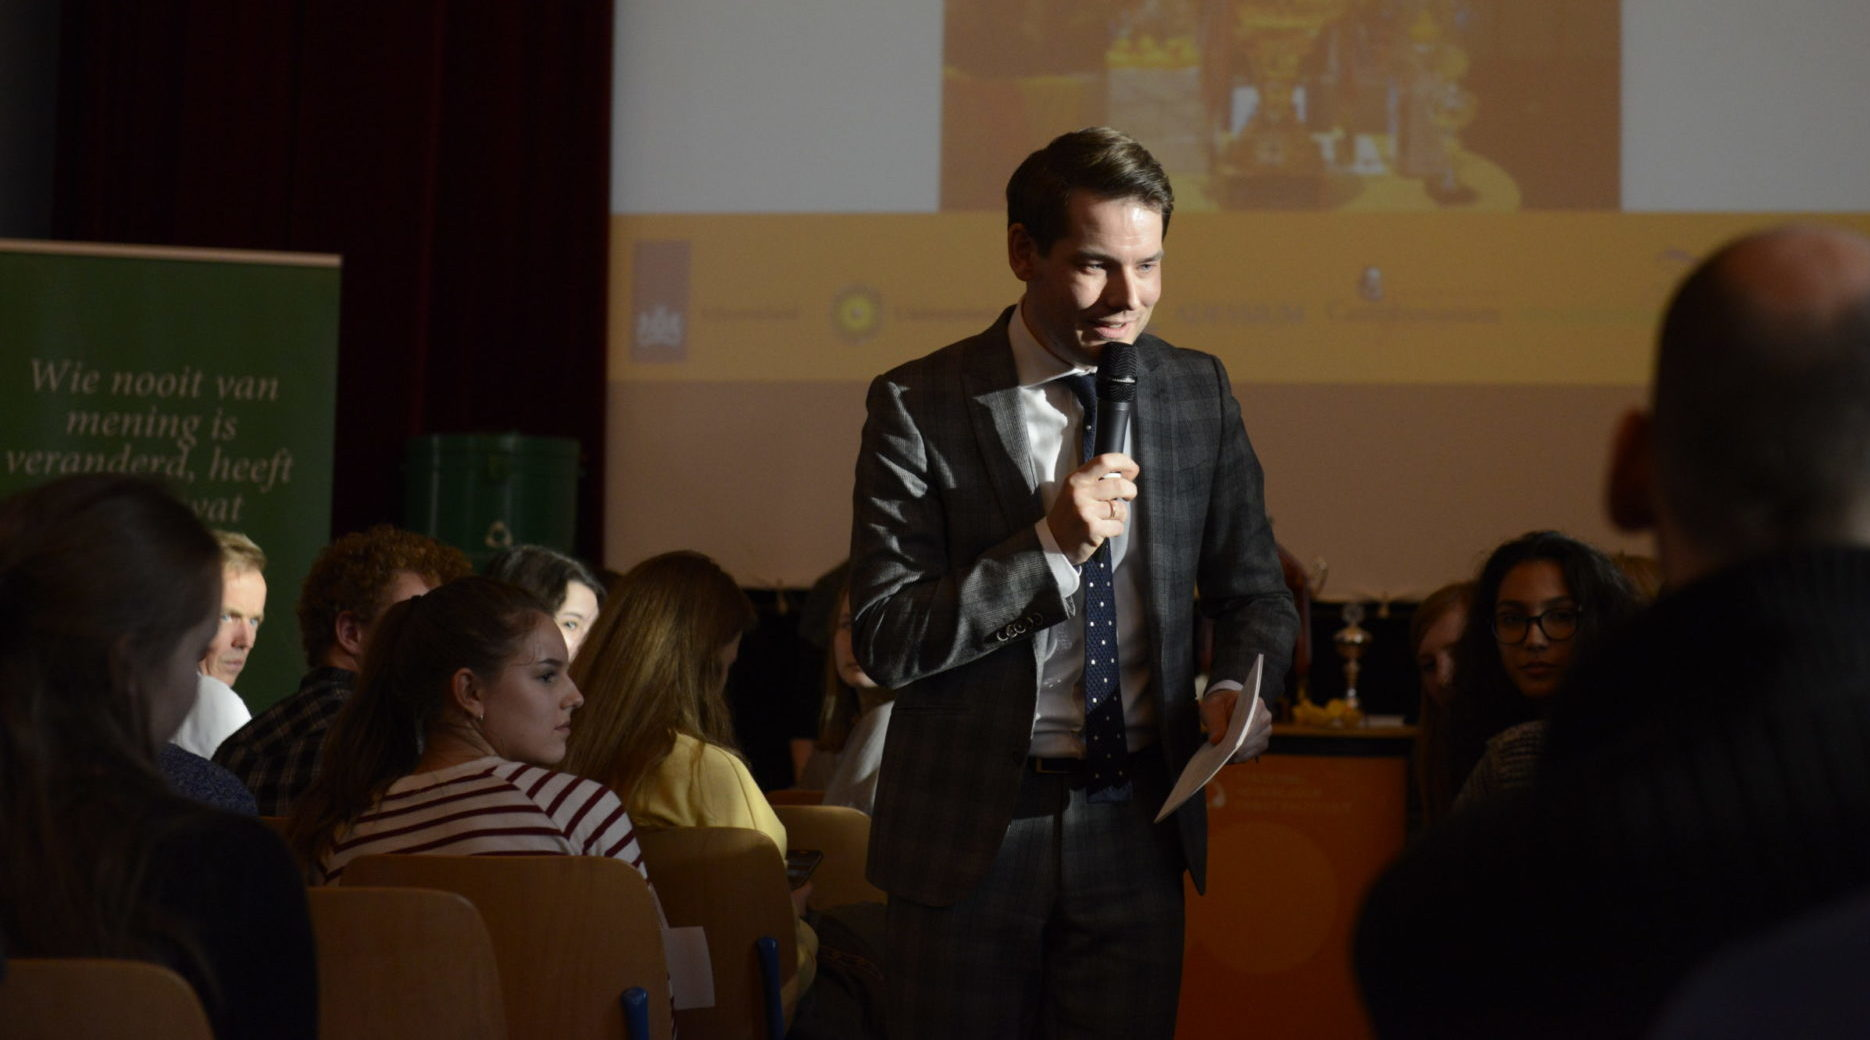 Debatleider Nick Schoemaker in actie